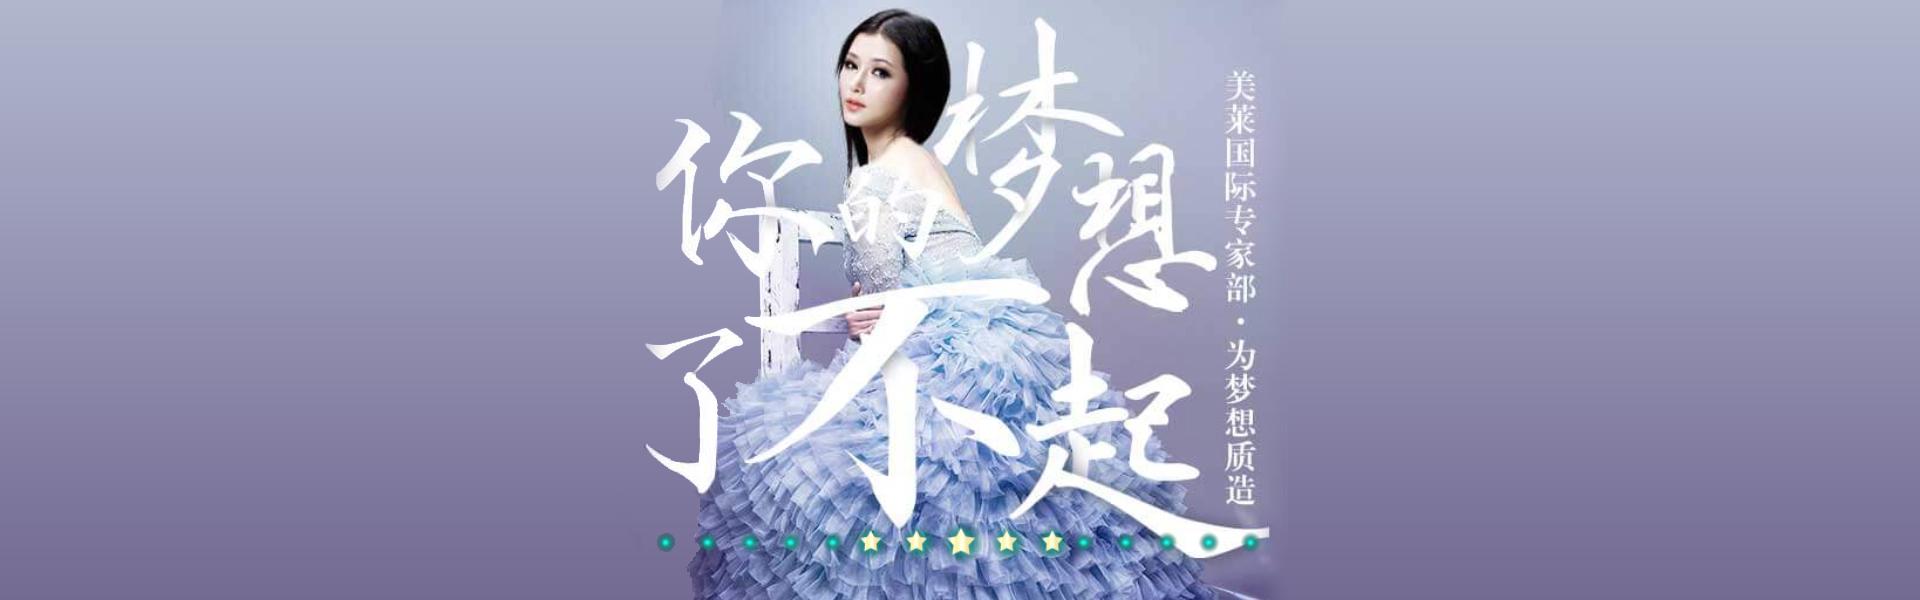 广州美莱订阅号梦工厂投票2期